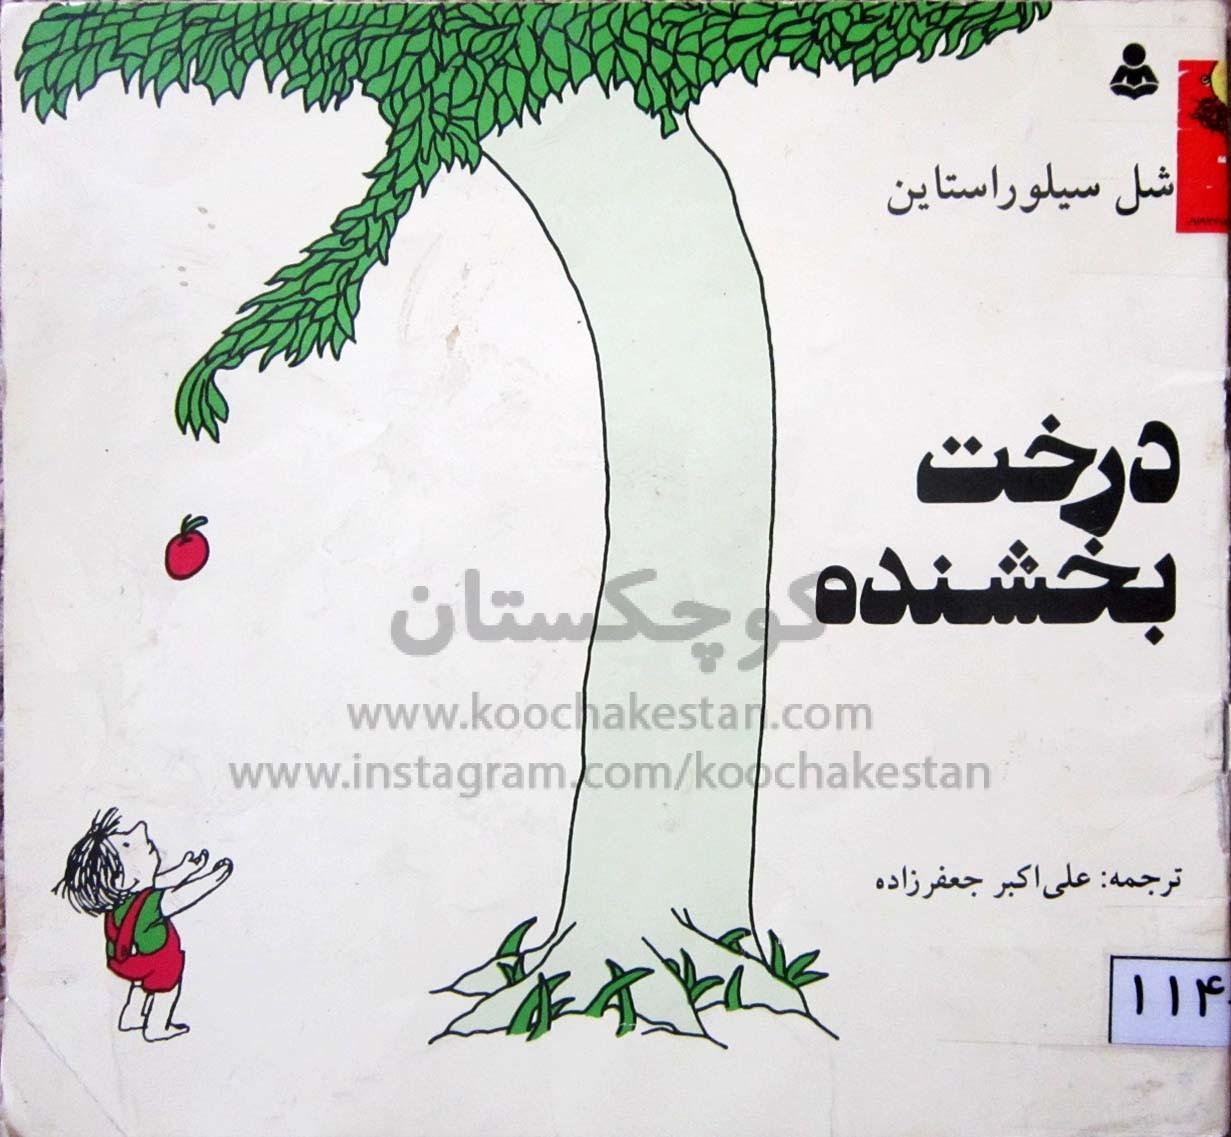 درخت بخشنده - کتابخانه کودک - کوچکستان